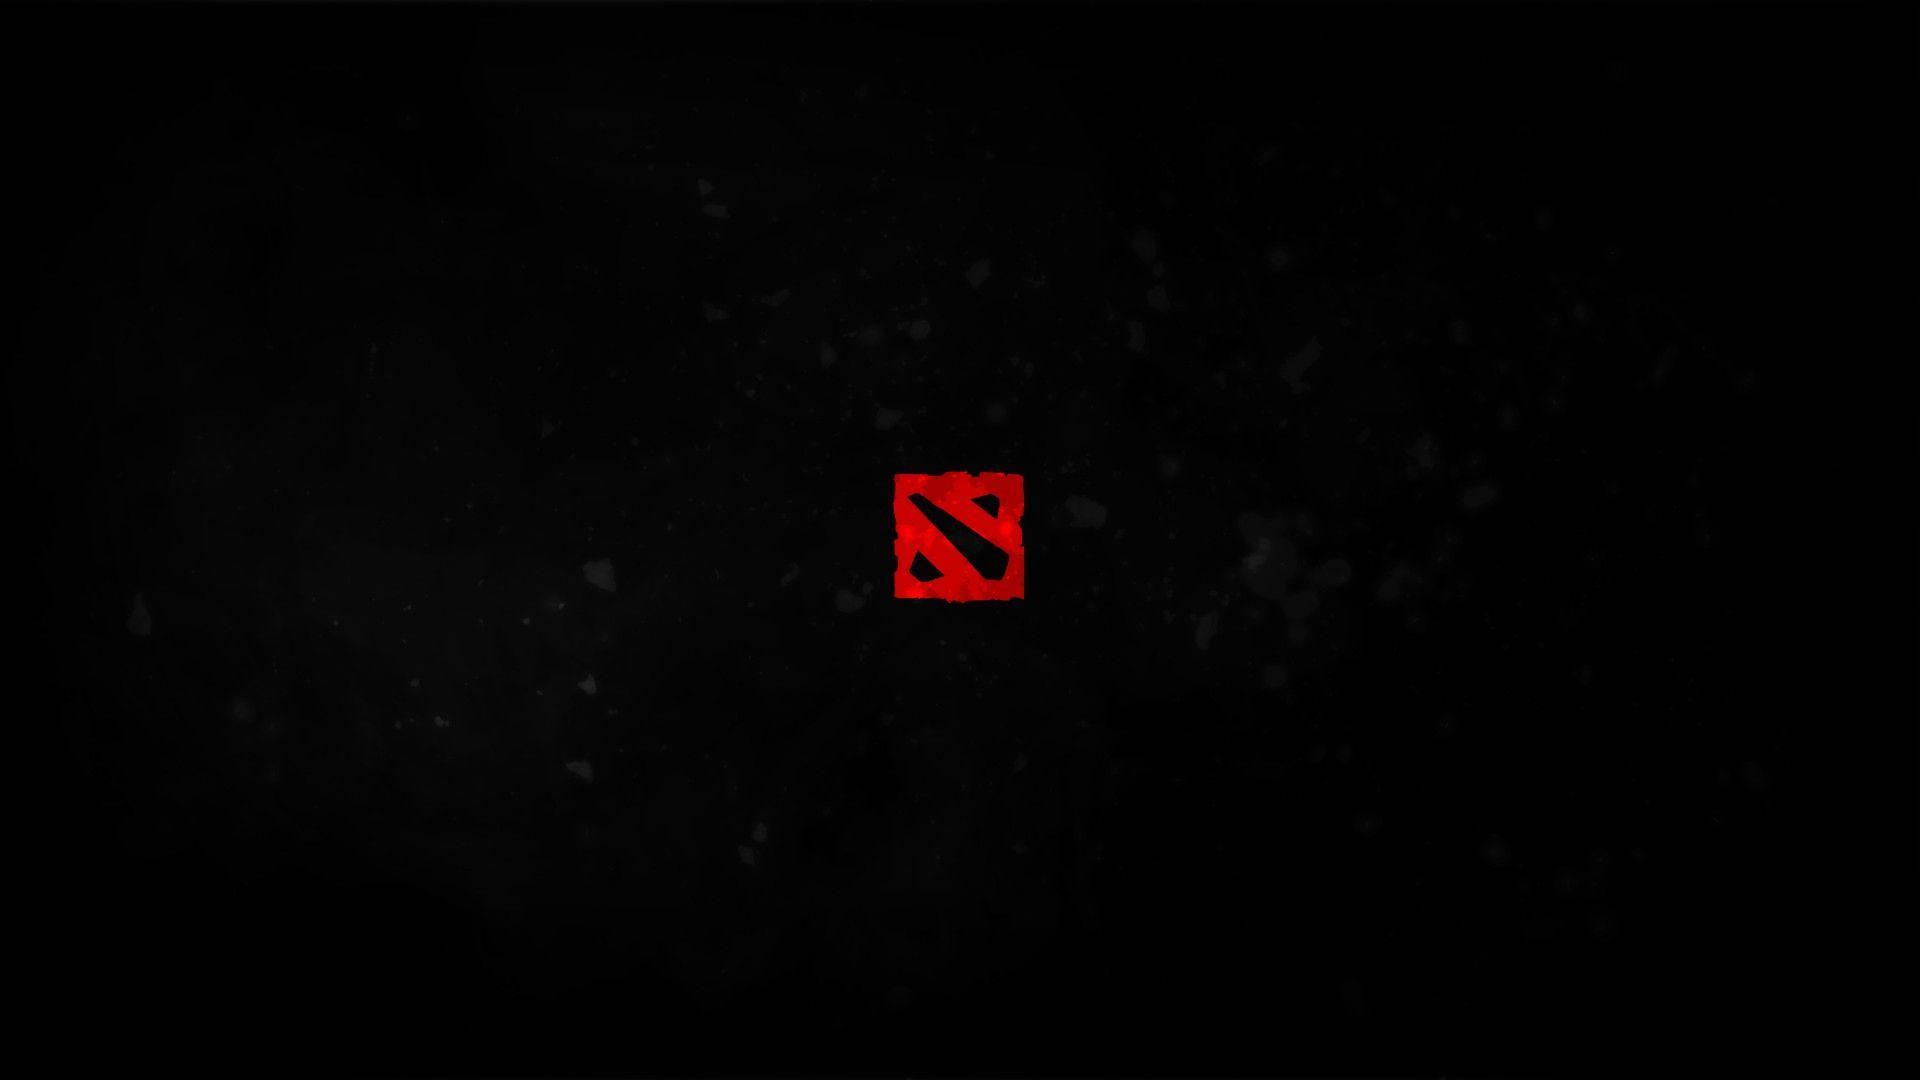 Cool Gaming Hd Desktop Wallpaper